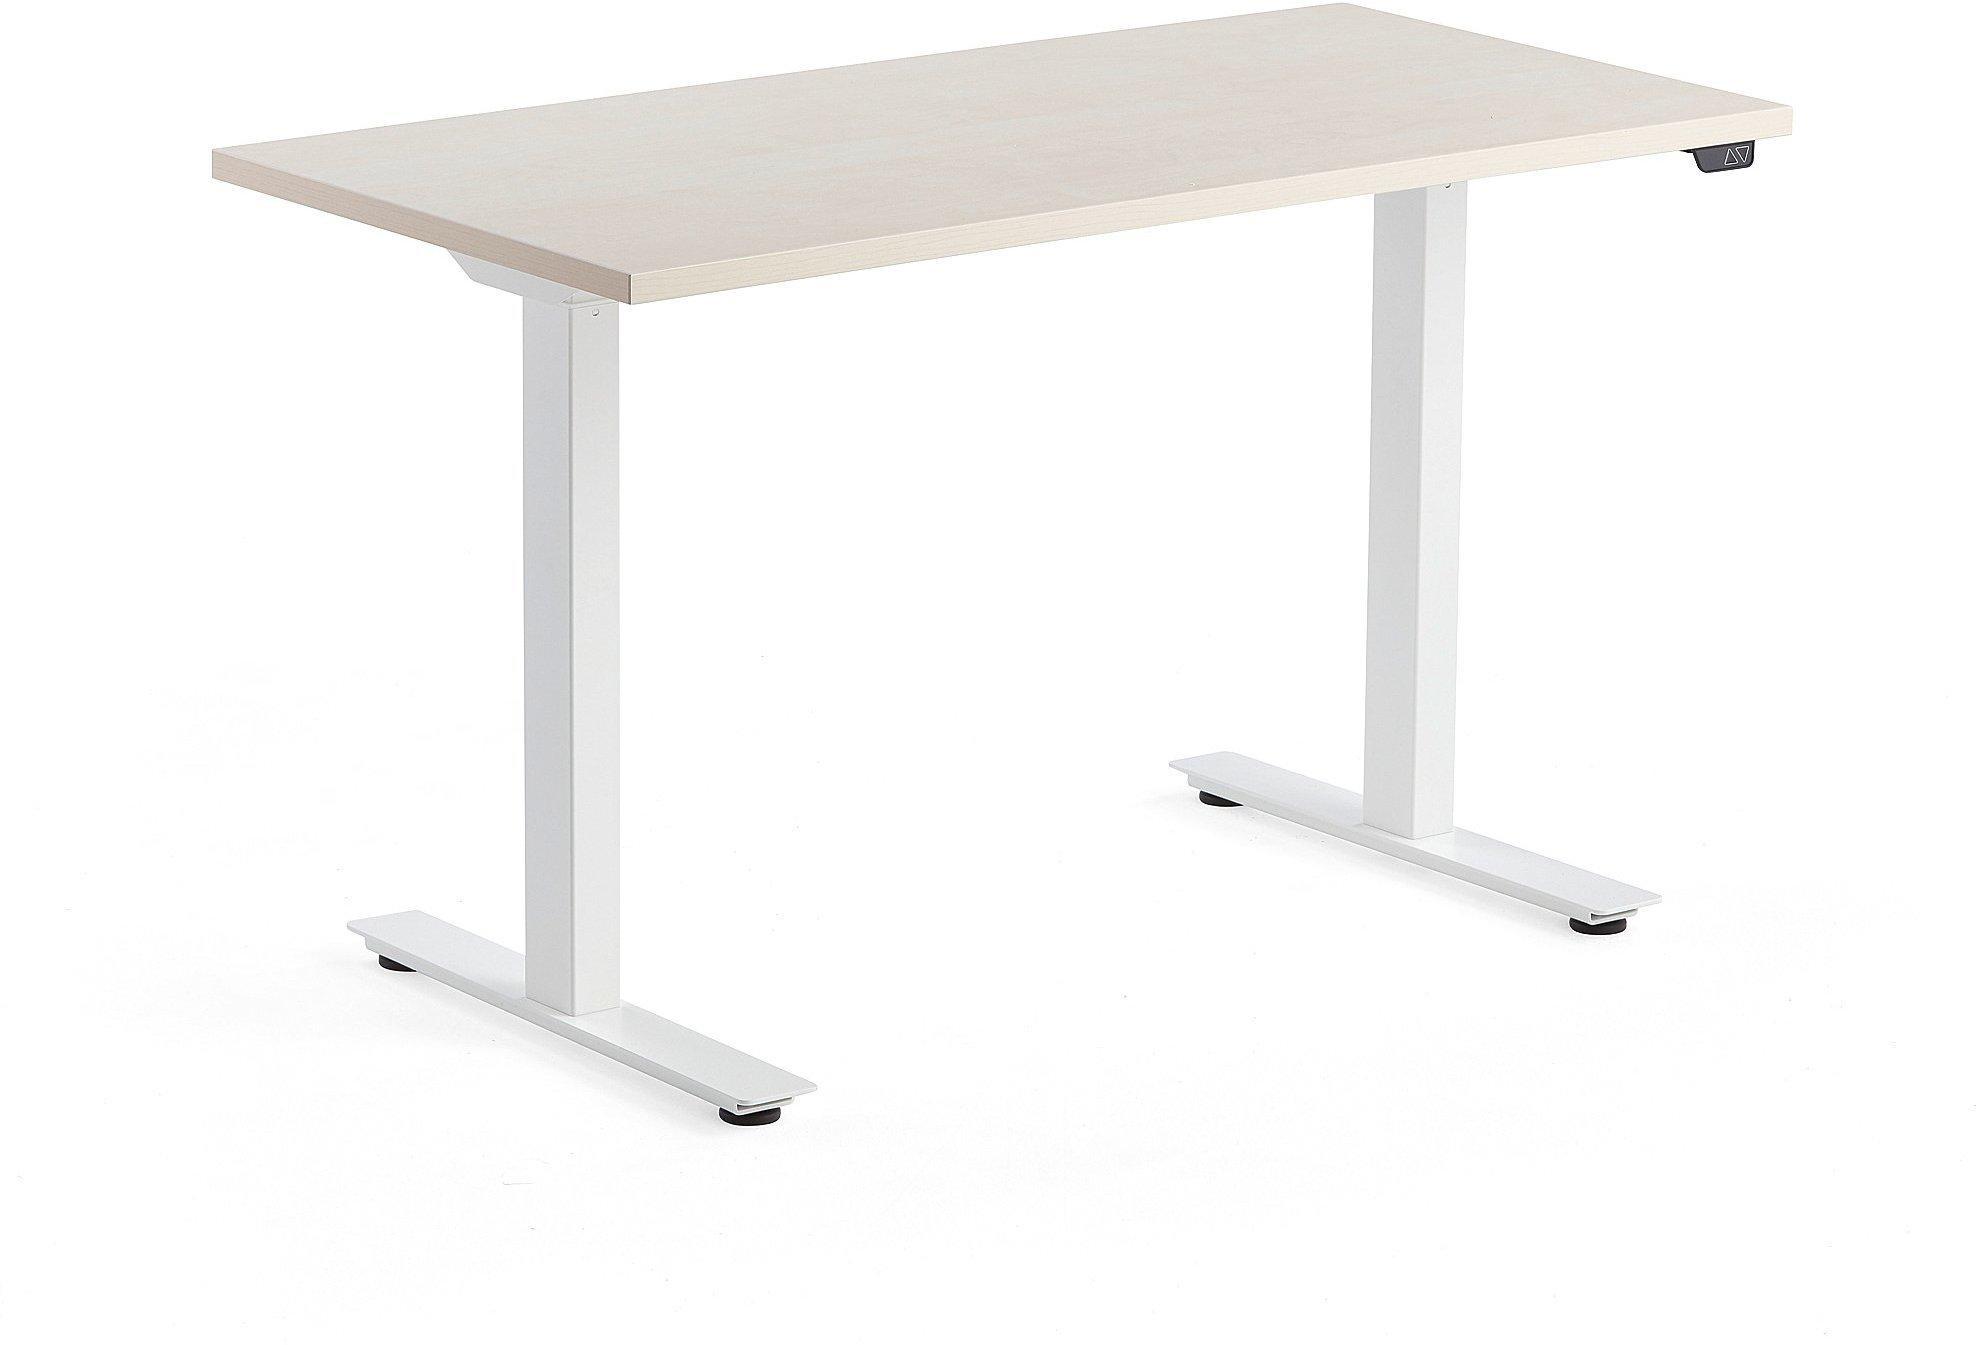 Výškovo nastaviteľný stôl Modulus, 1200x600 mm, biela, breza